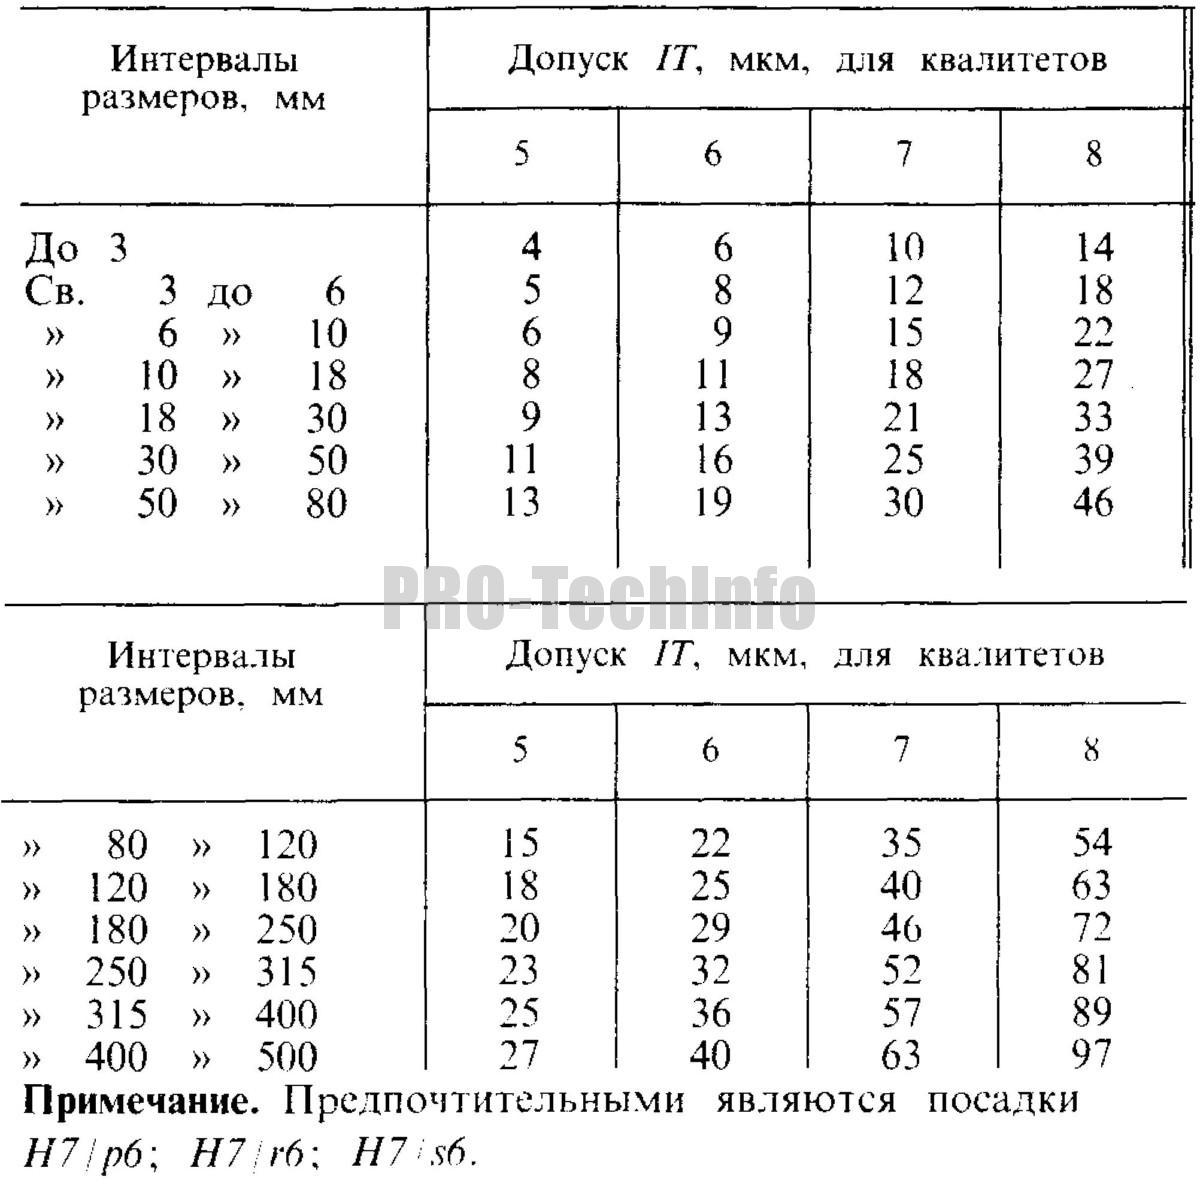 Значения допусков по ГОСТ 25346 (СТ СЭВ 145) для размеров от 1 до 500 мм